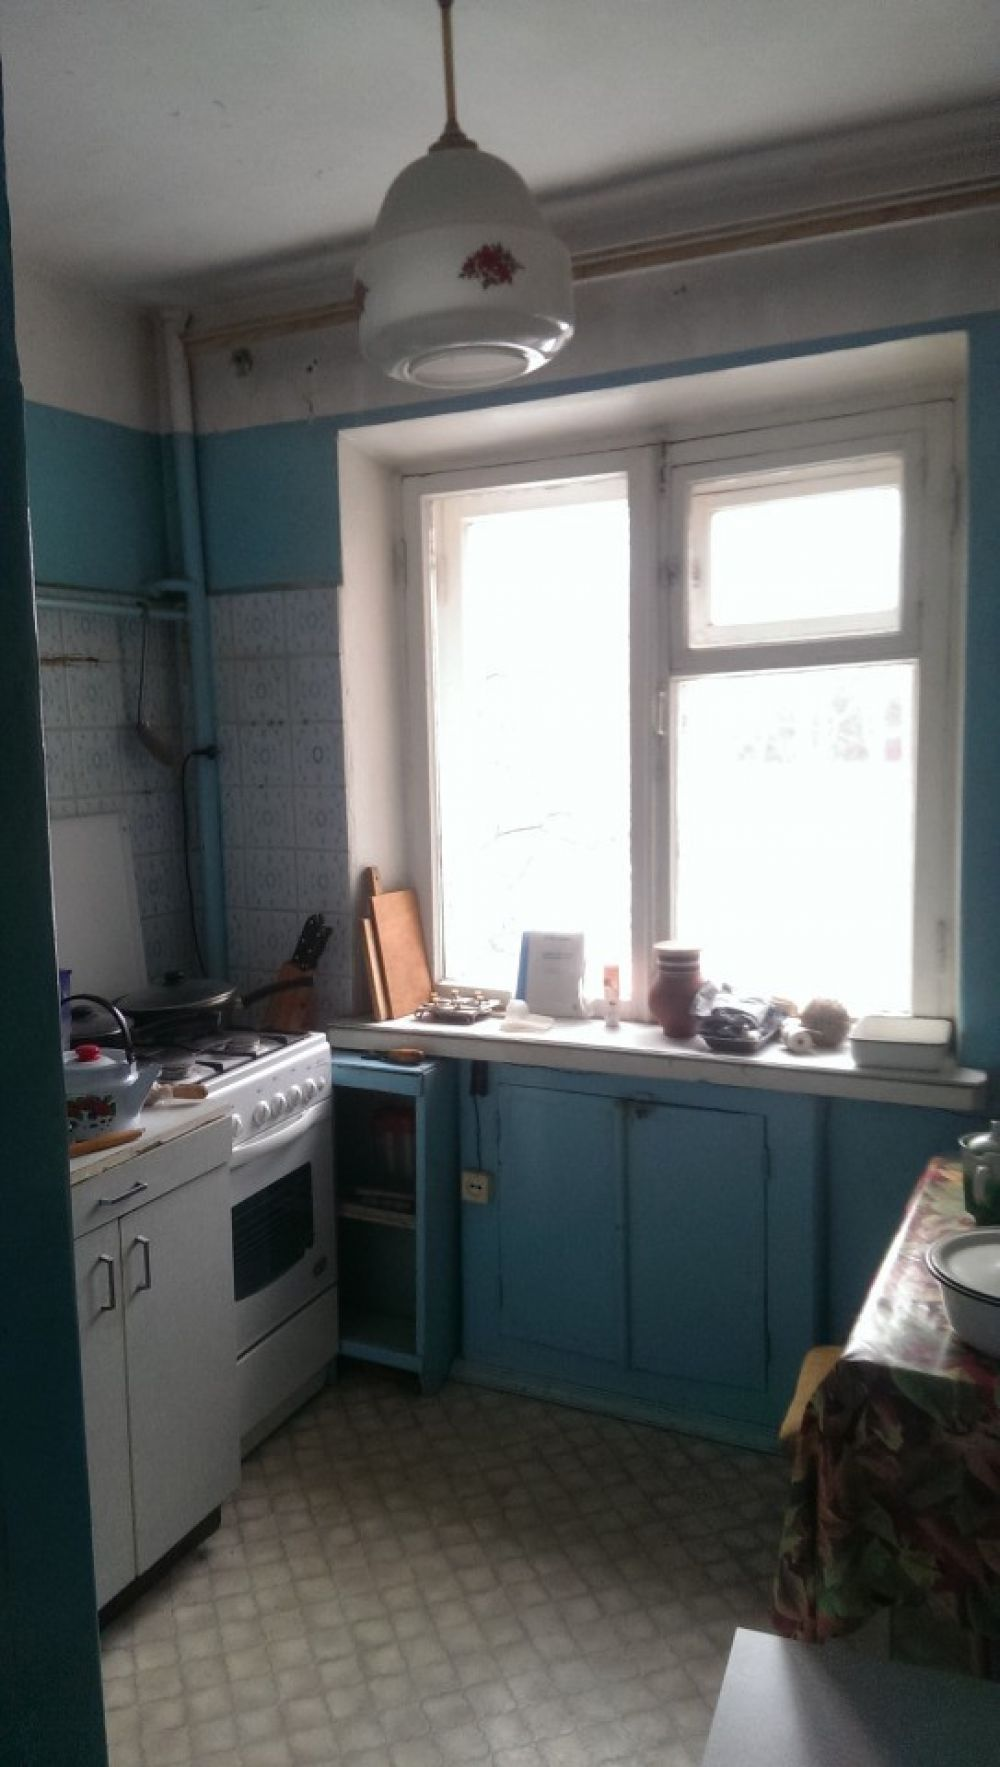 Двухкомнатная квартира, 44.5 м2, Щёлково, улица 8 Марта, 17А, фото 6